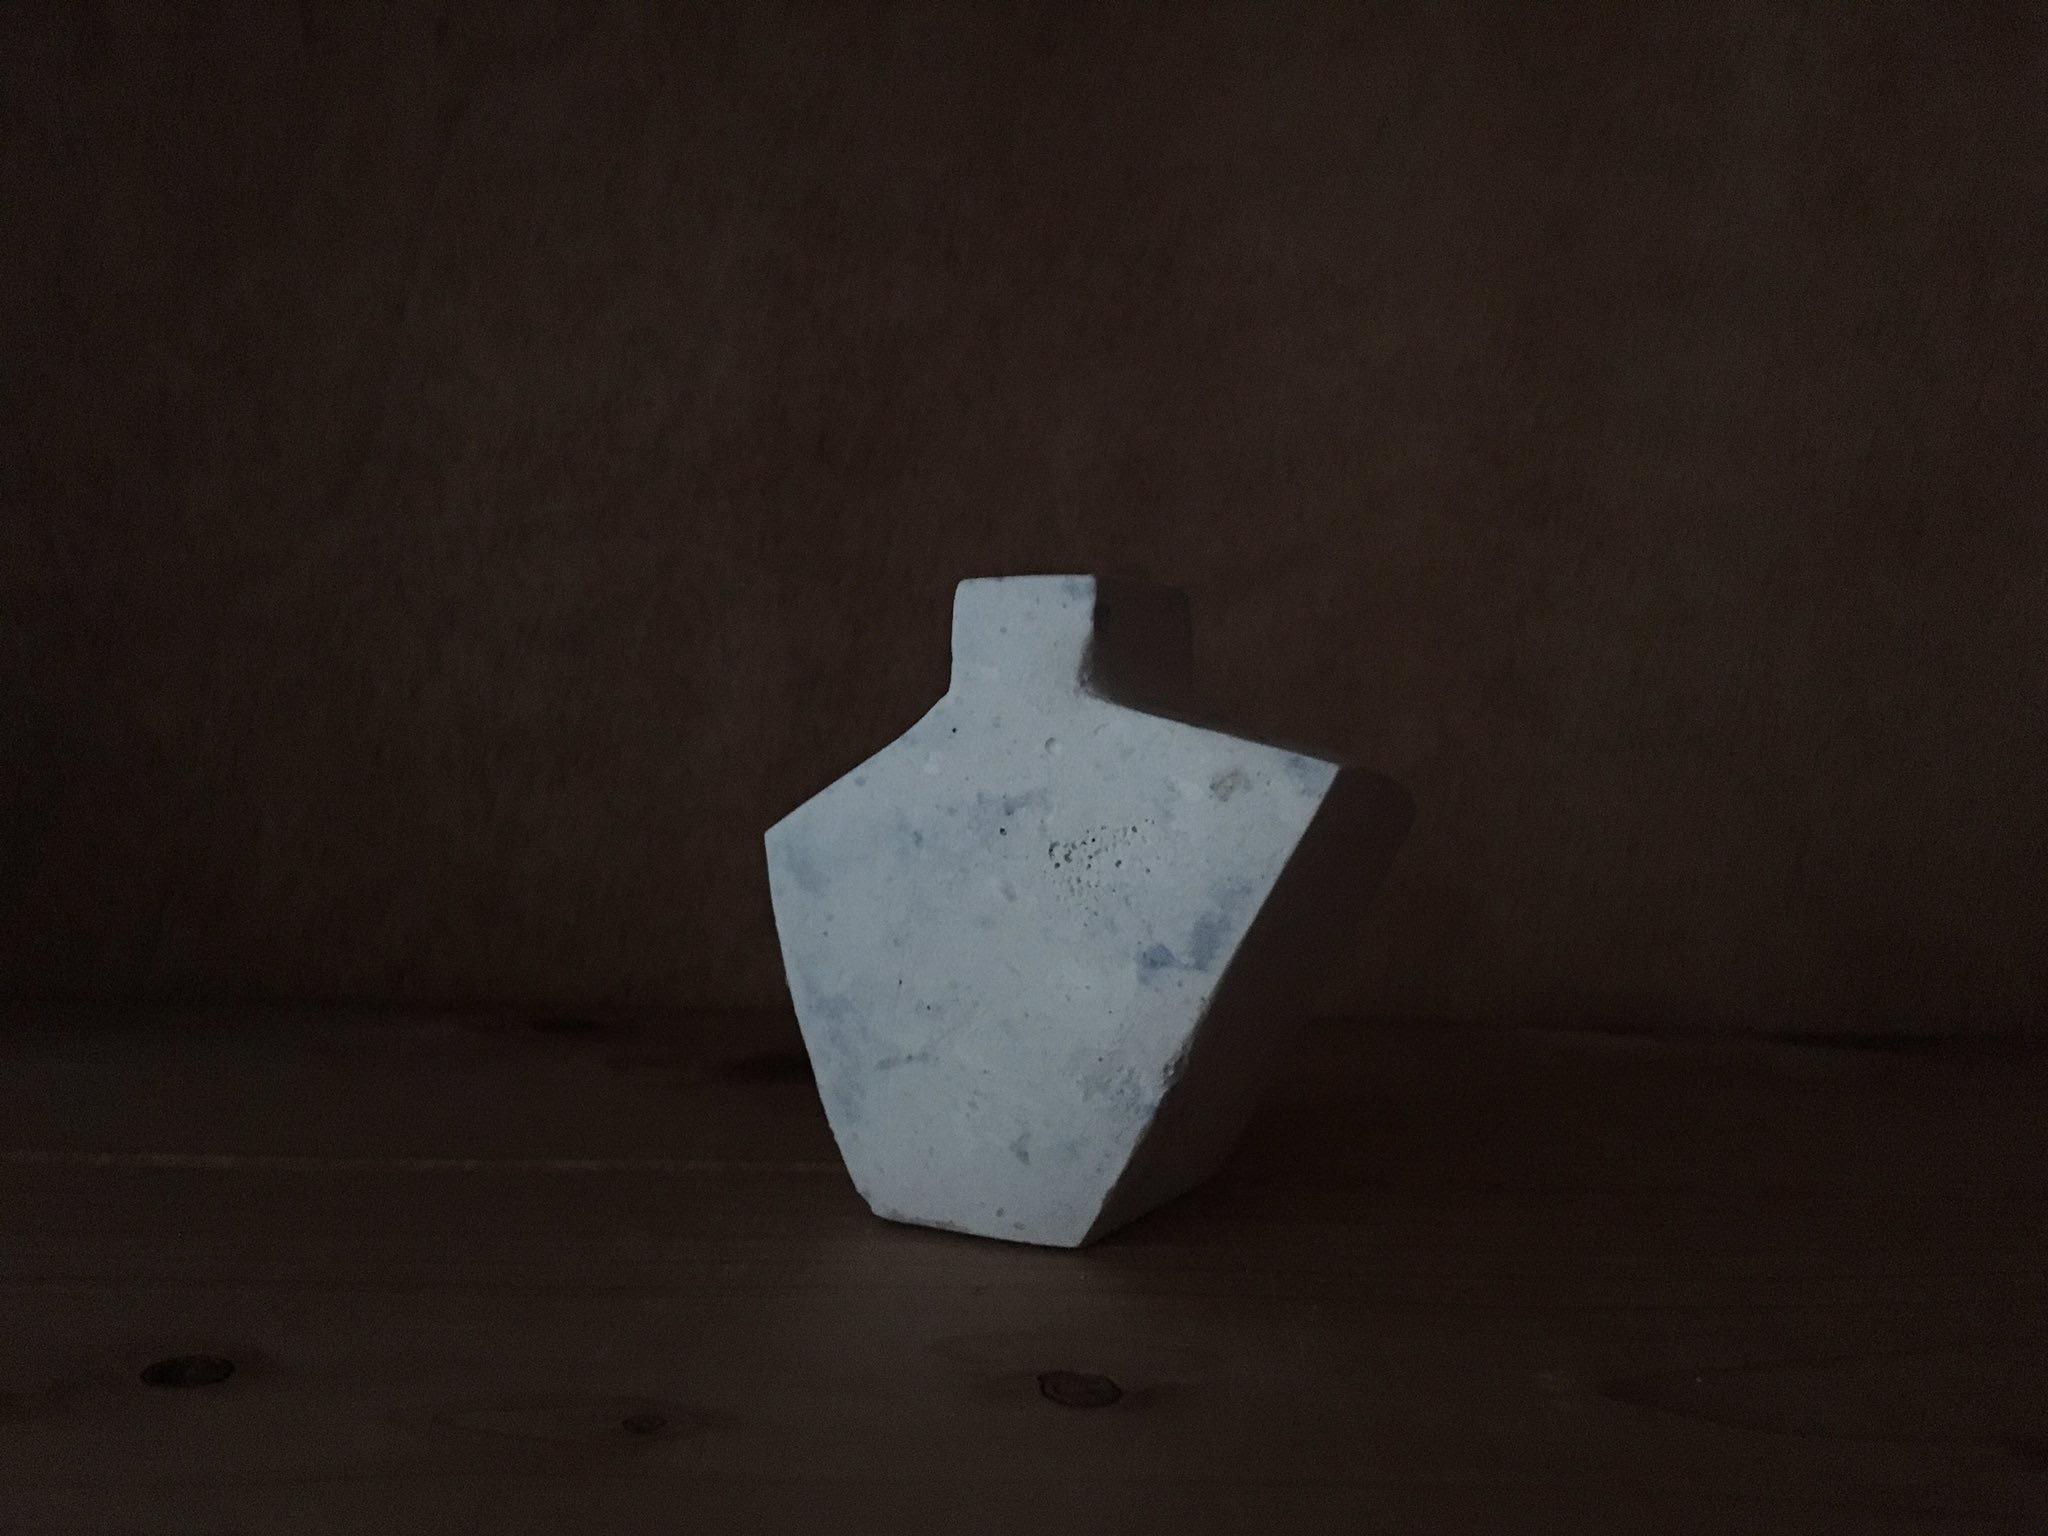 造形が面白い、白い陶芸作品